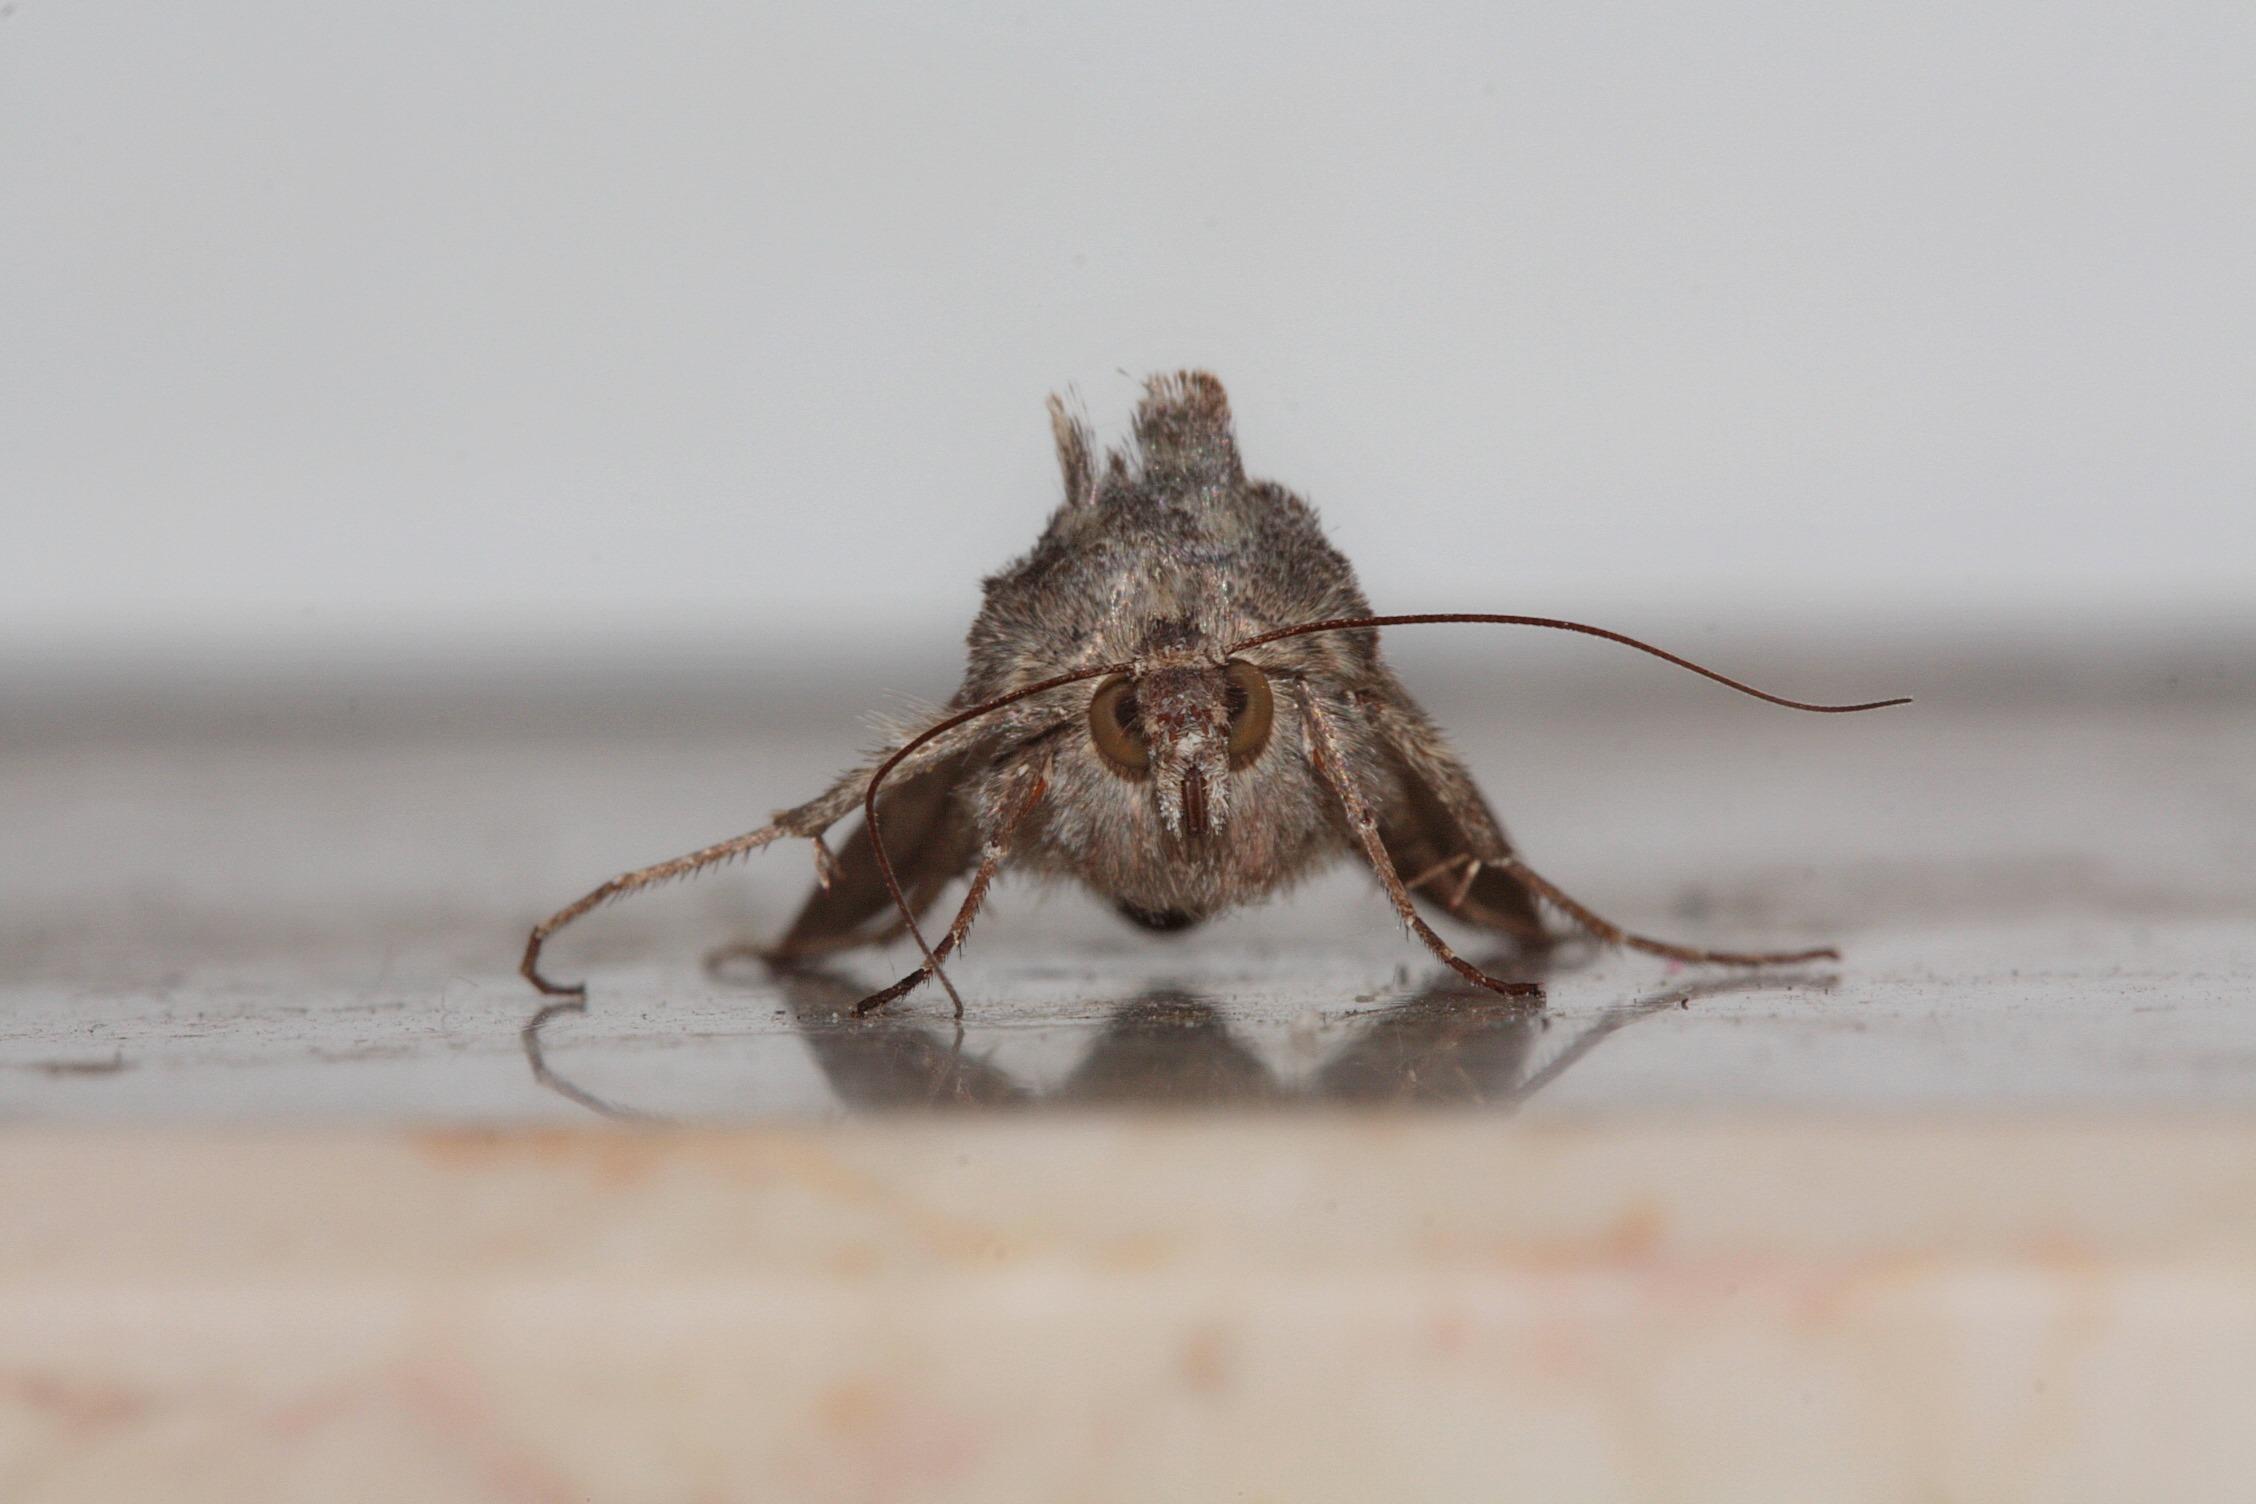 Fotos Gratis Ala Madera Insecto Polilla Fauna Invertebrado